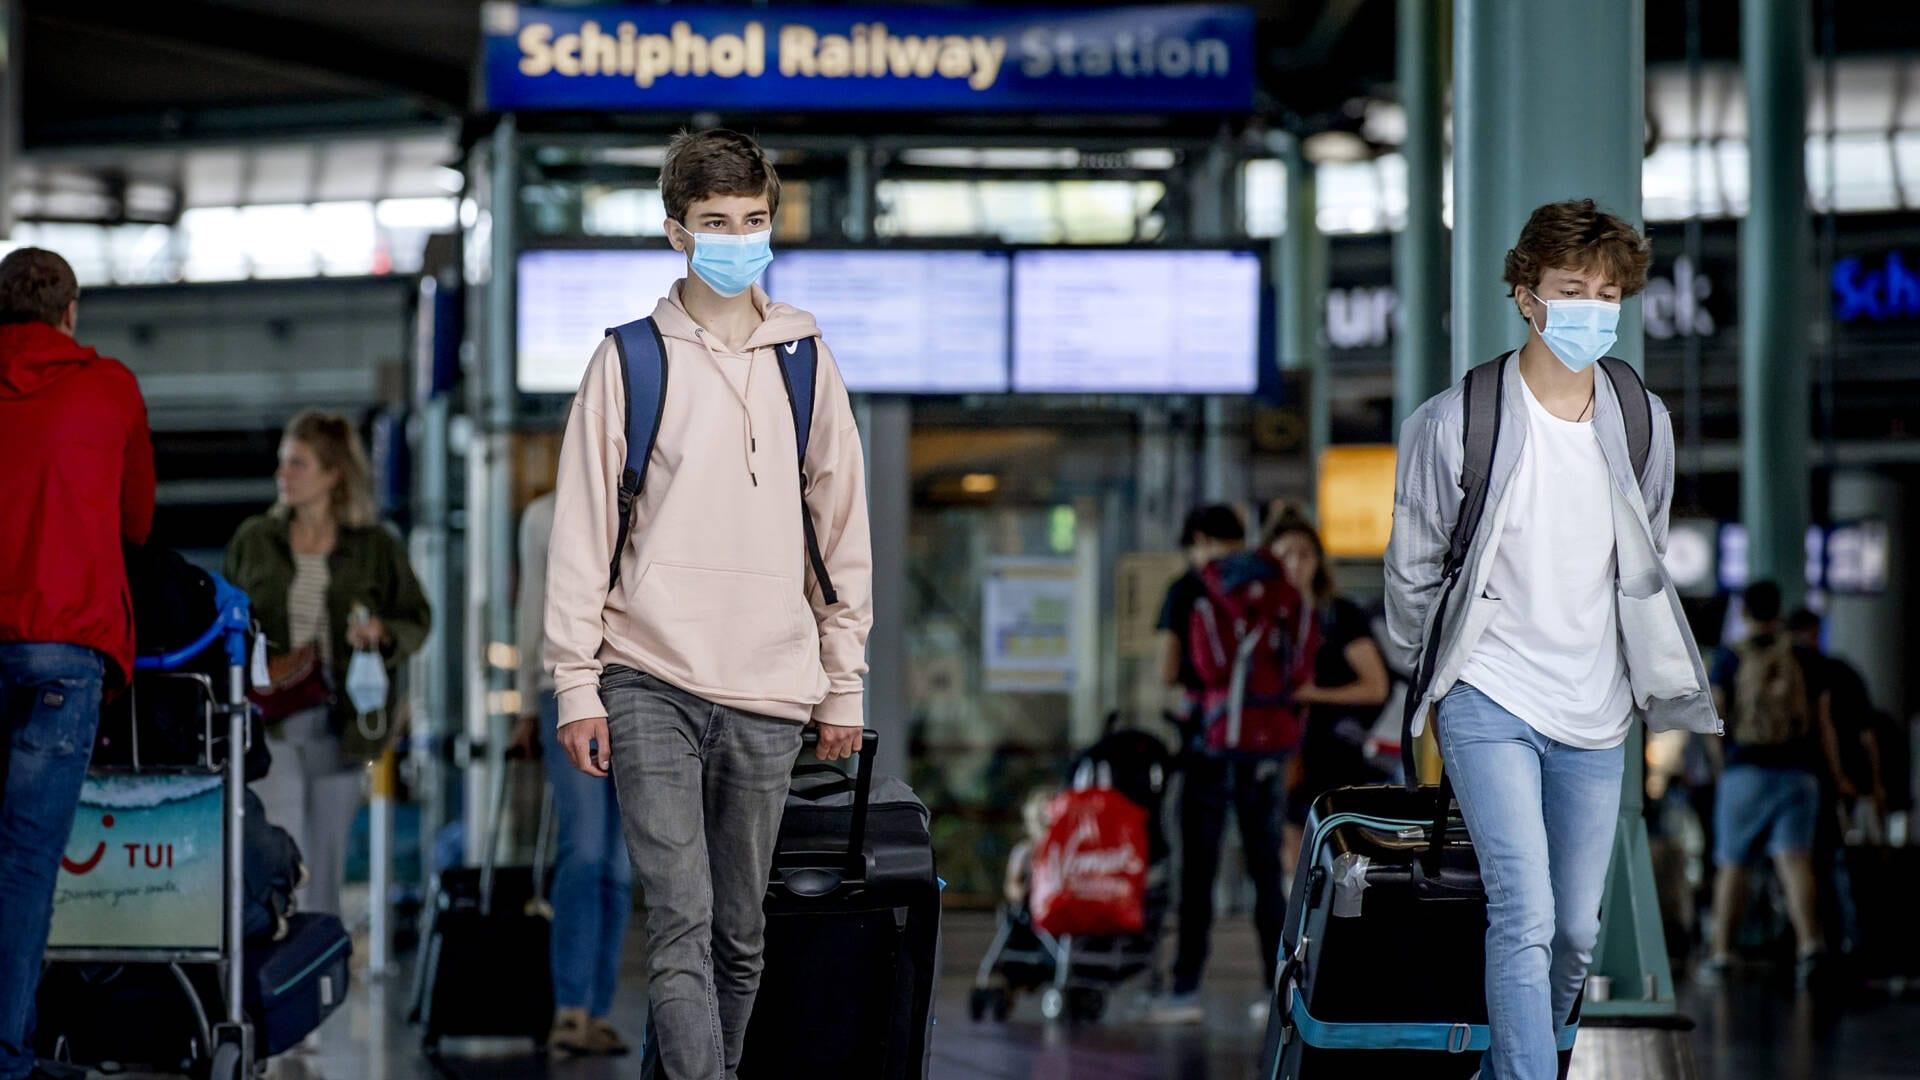 المملكة المتحدة ترفع الحجر الصحي عن المسافرين من هولندا